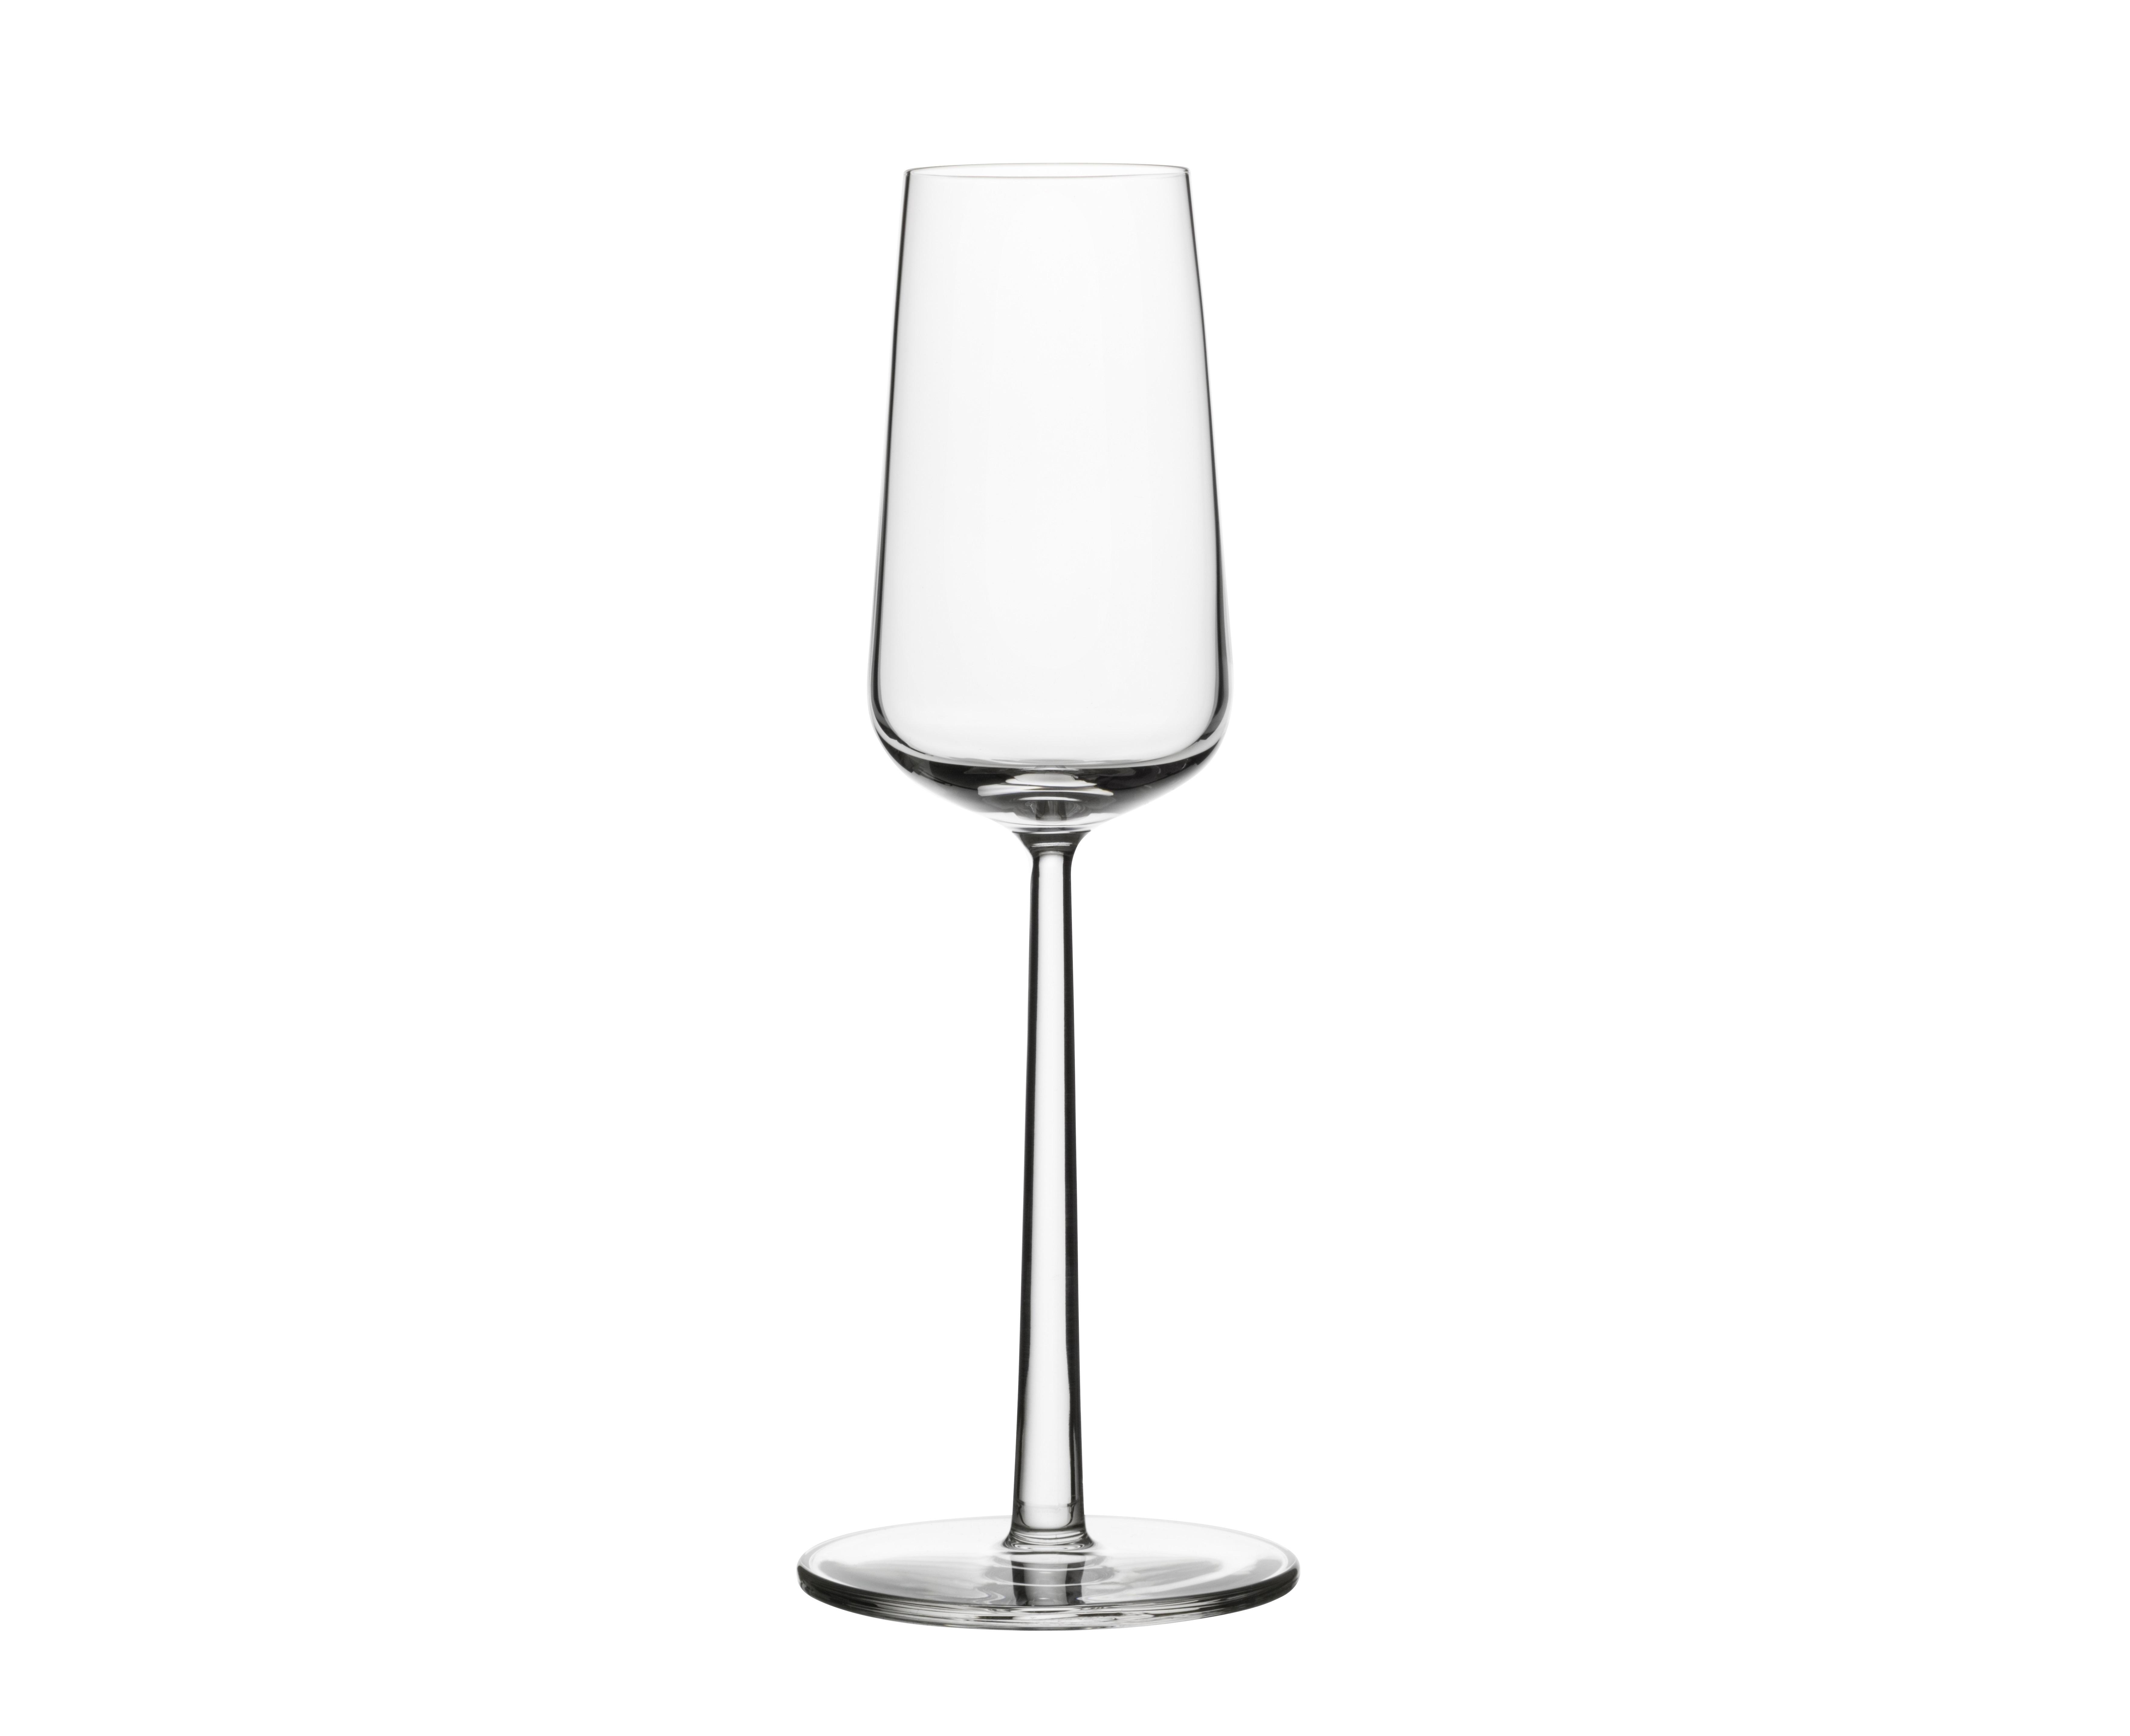 Бокал для шампанского Essence (2 шт)Бокалы<br>Серия Essence - это серия бокалов для всех видов алкоголя. Вместе они создают прекрасный вид на обеденном столе. Из бокалов данной серии невероятно приятно пить!<br><br>Material: Стекло<br>Length см: None<br>Width см: 17<br>Depth см: 8<br>Height см: 23<br>Diameter см: None